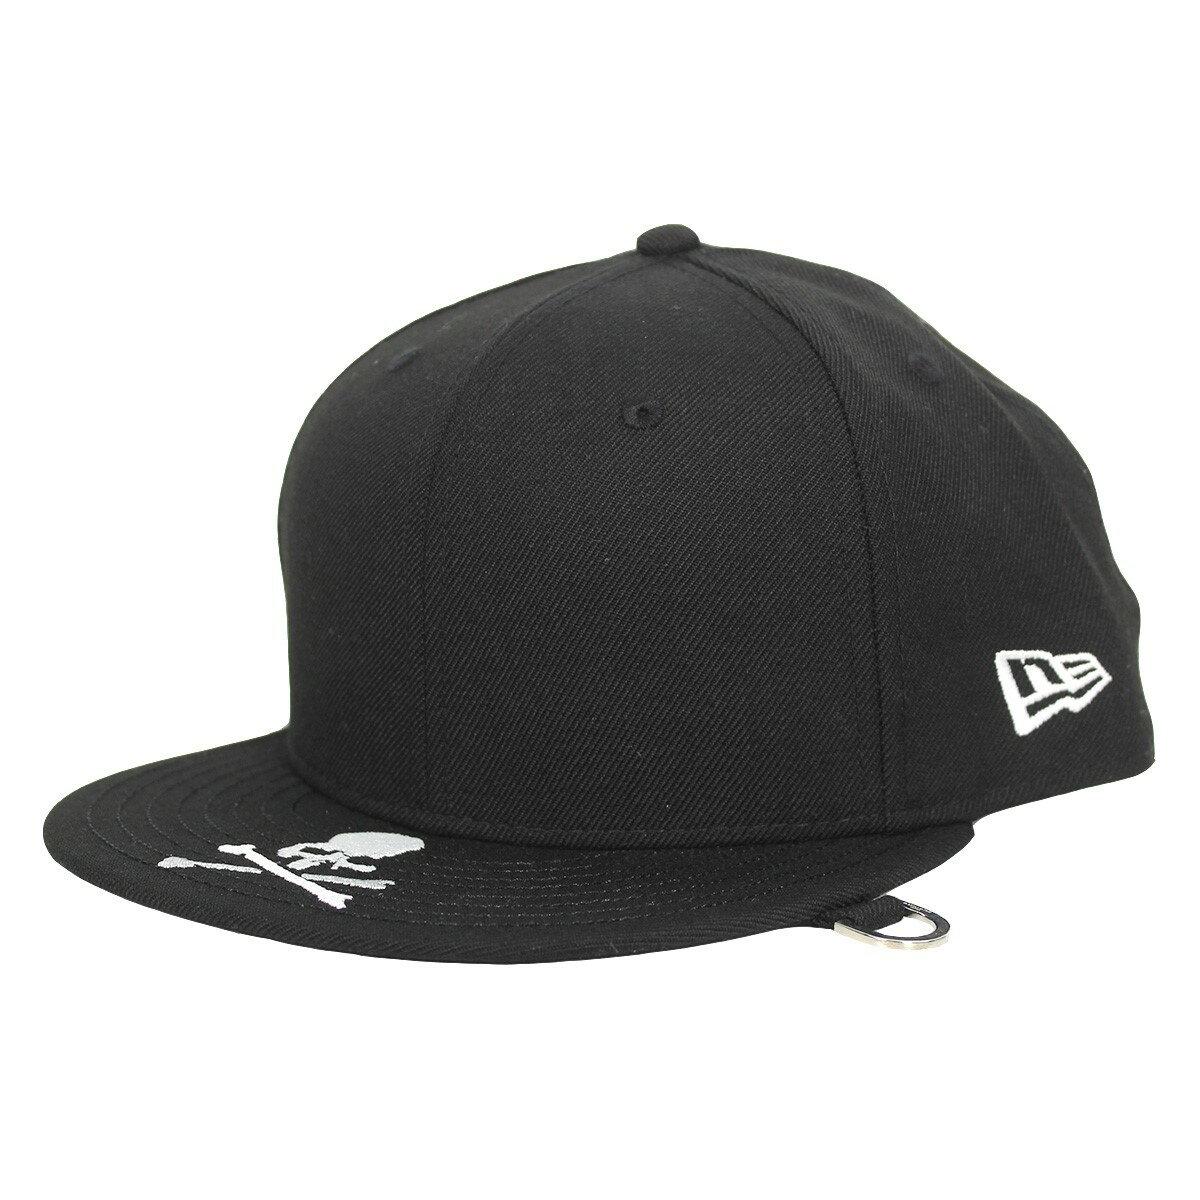 メンズ帽子, キャップ 1230 mastermind JAPANNEW ERA19SS 7 12